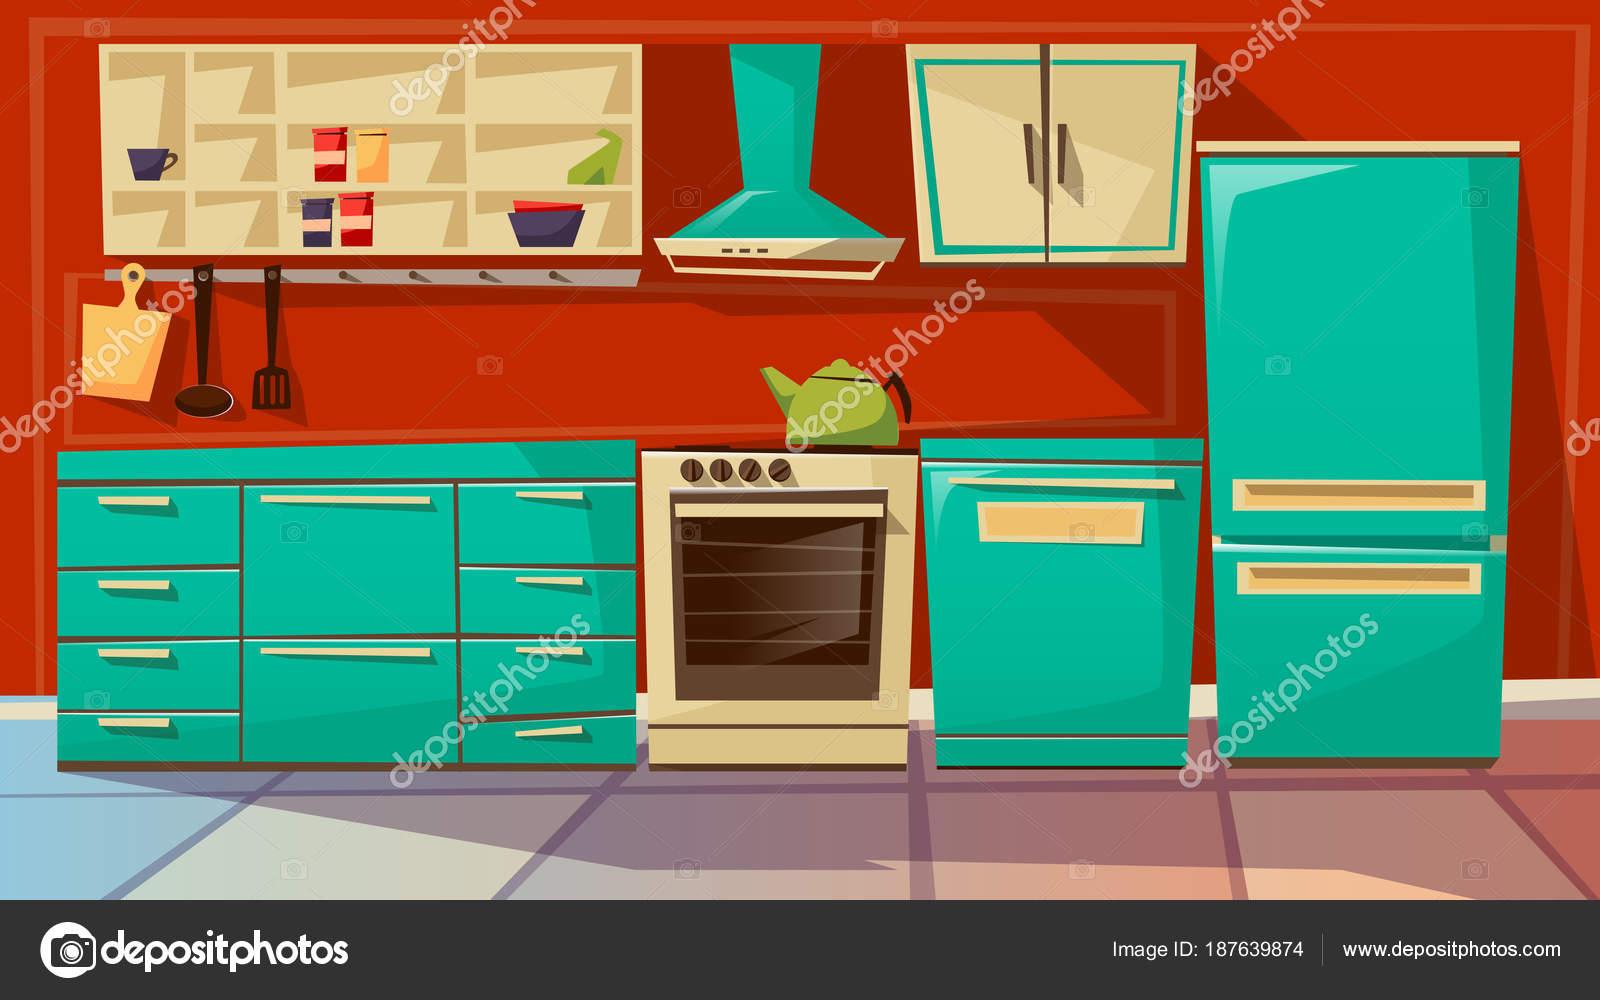 Dibujos: muebles de cocina | Ilustración de dibujos animados de ...